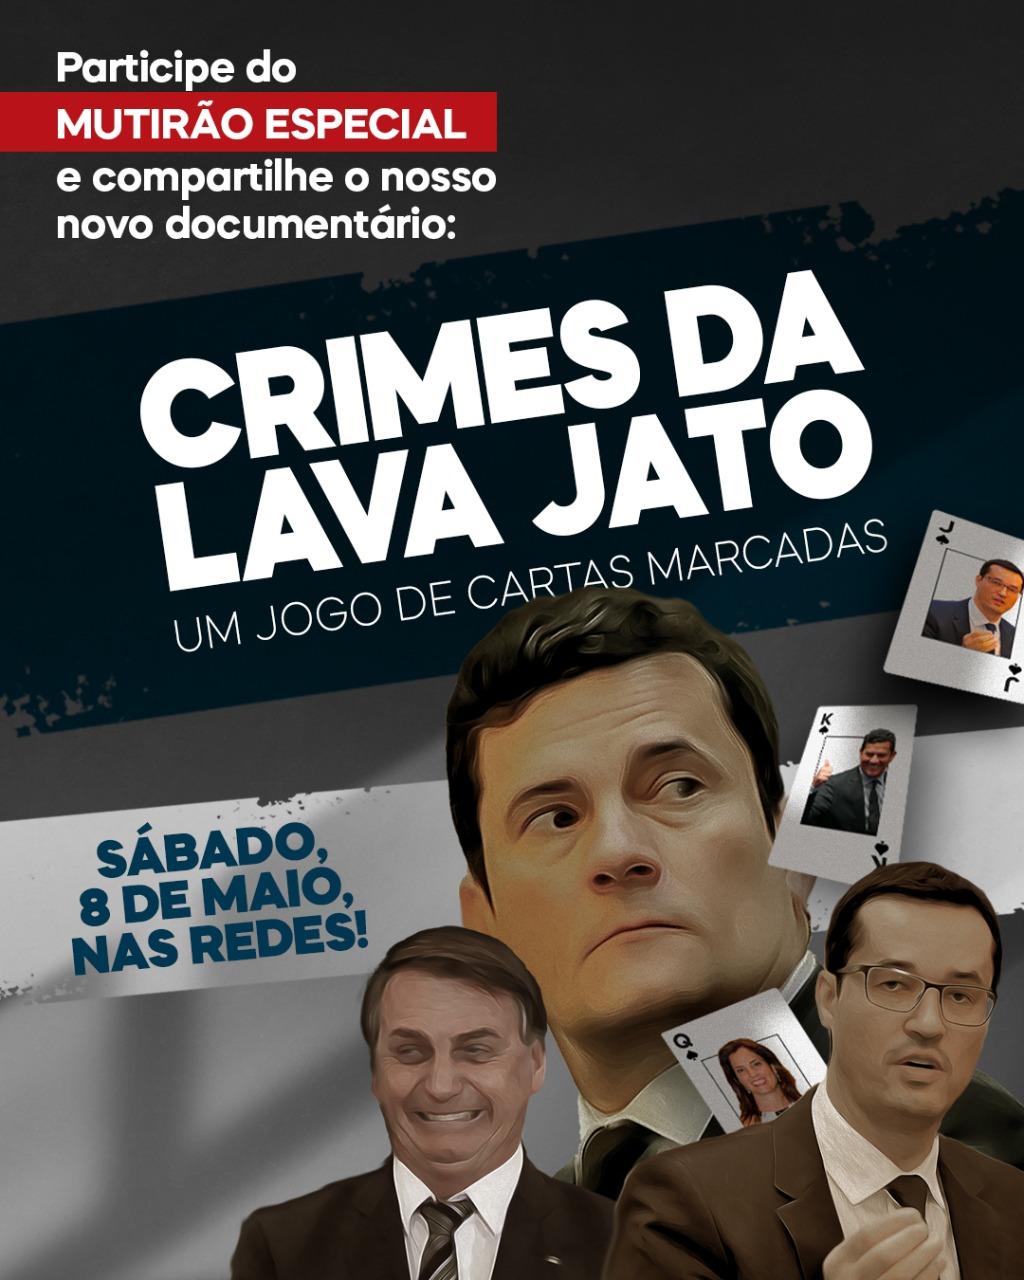 """Novo documentário """"Crimes da Lava Jato – um jogo de cartas marcadas"""" será lançado neste sábado, 08"""